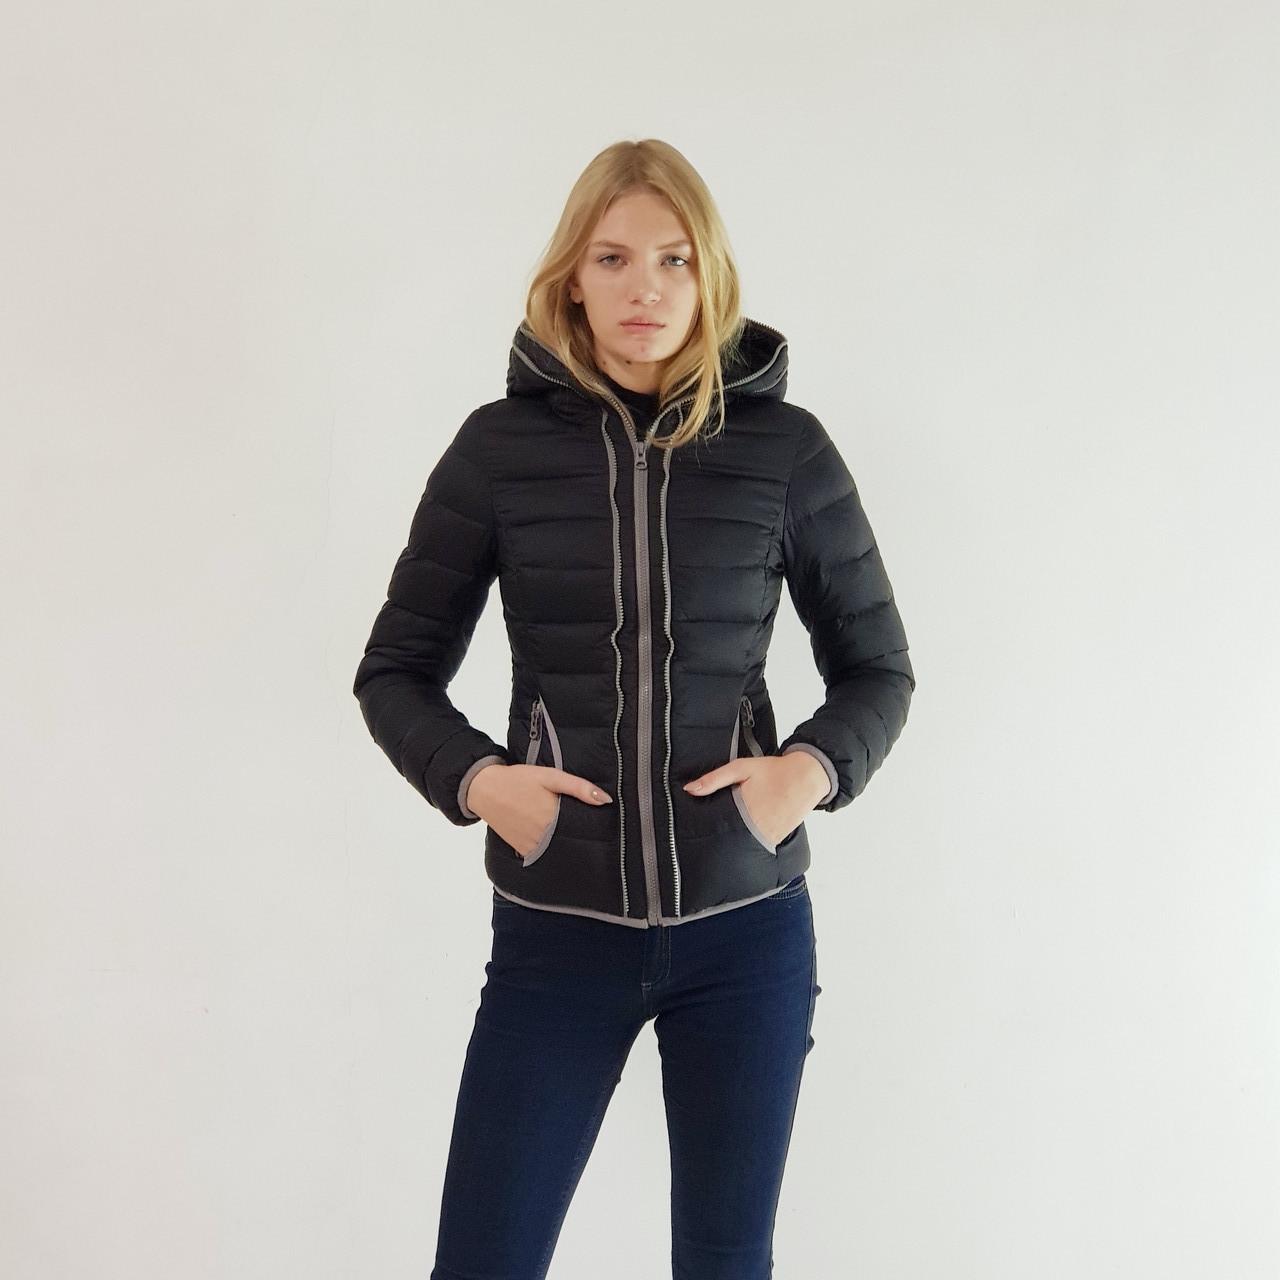 Куртка пуховик короткий женский Snowimage с капюшоном 46 черный 107-91